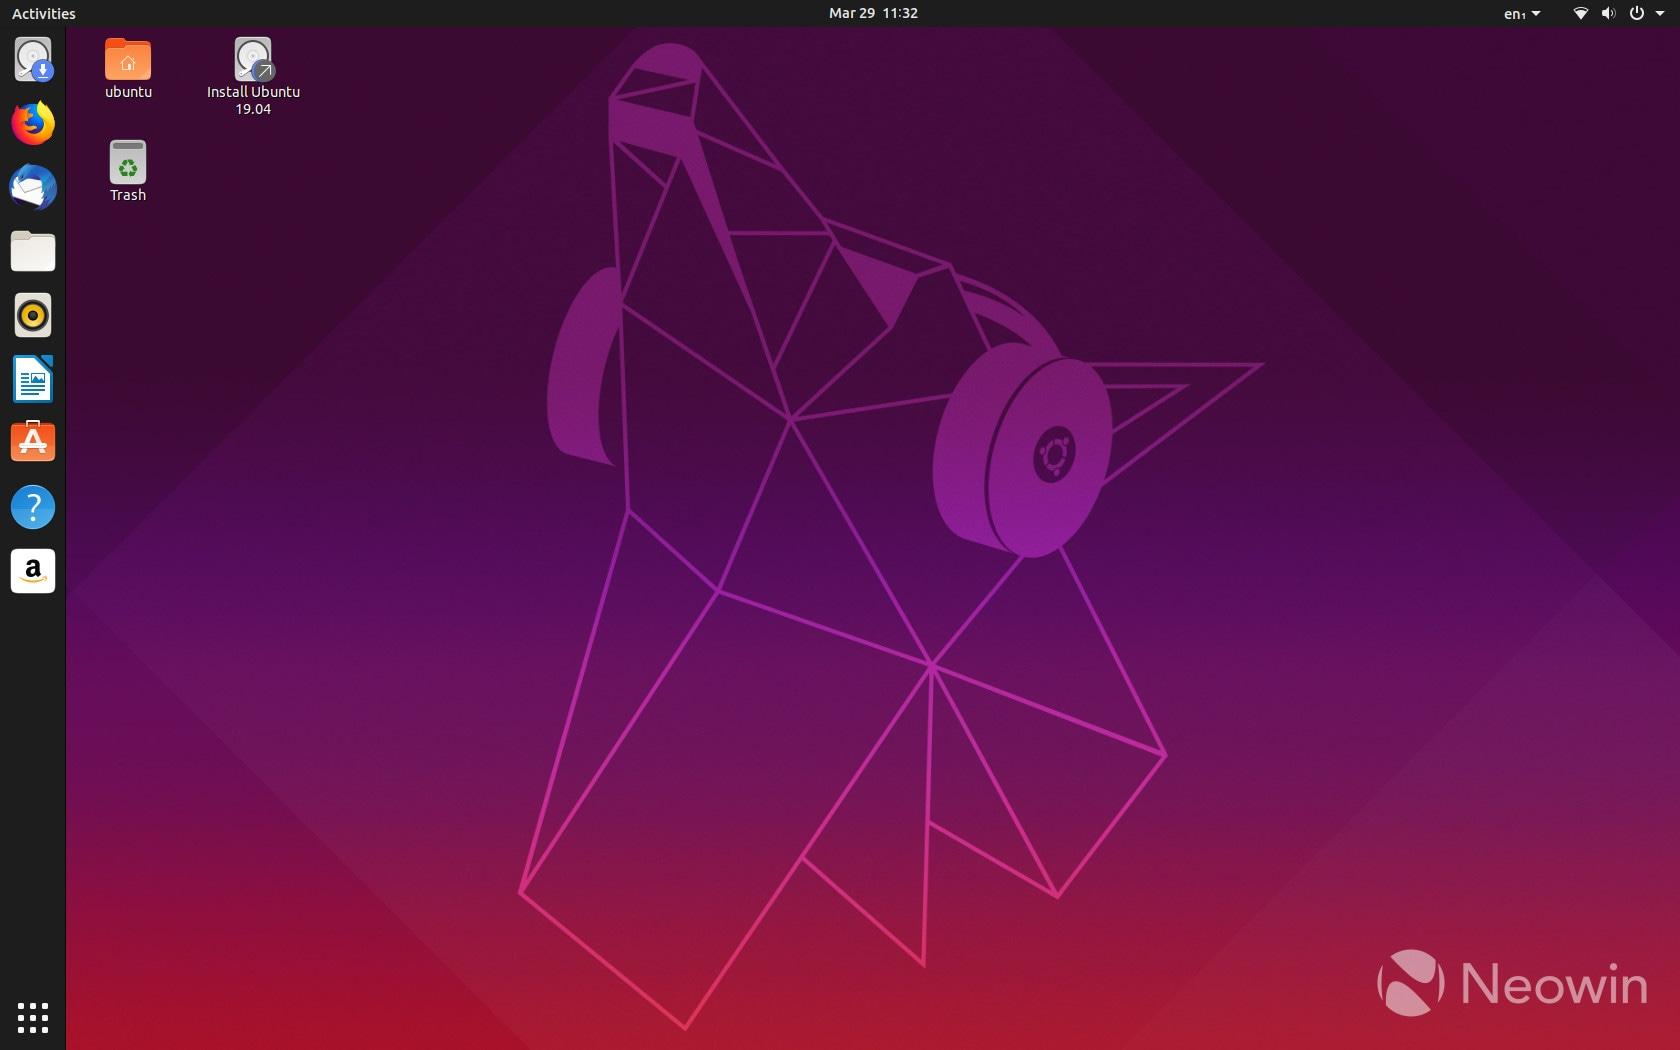 ubuntu_19.04_Disco_Dingo (8)